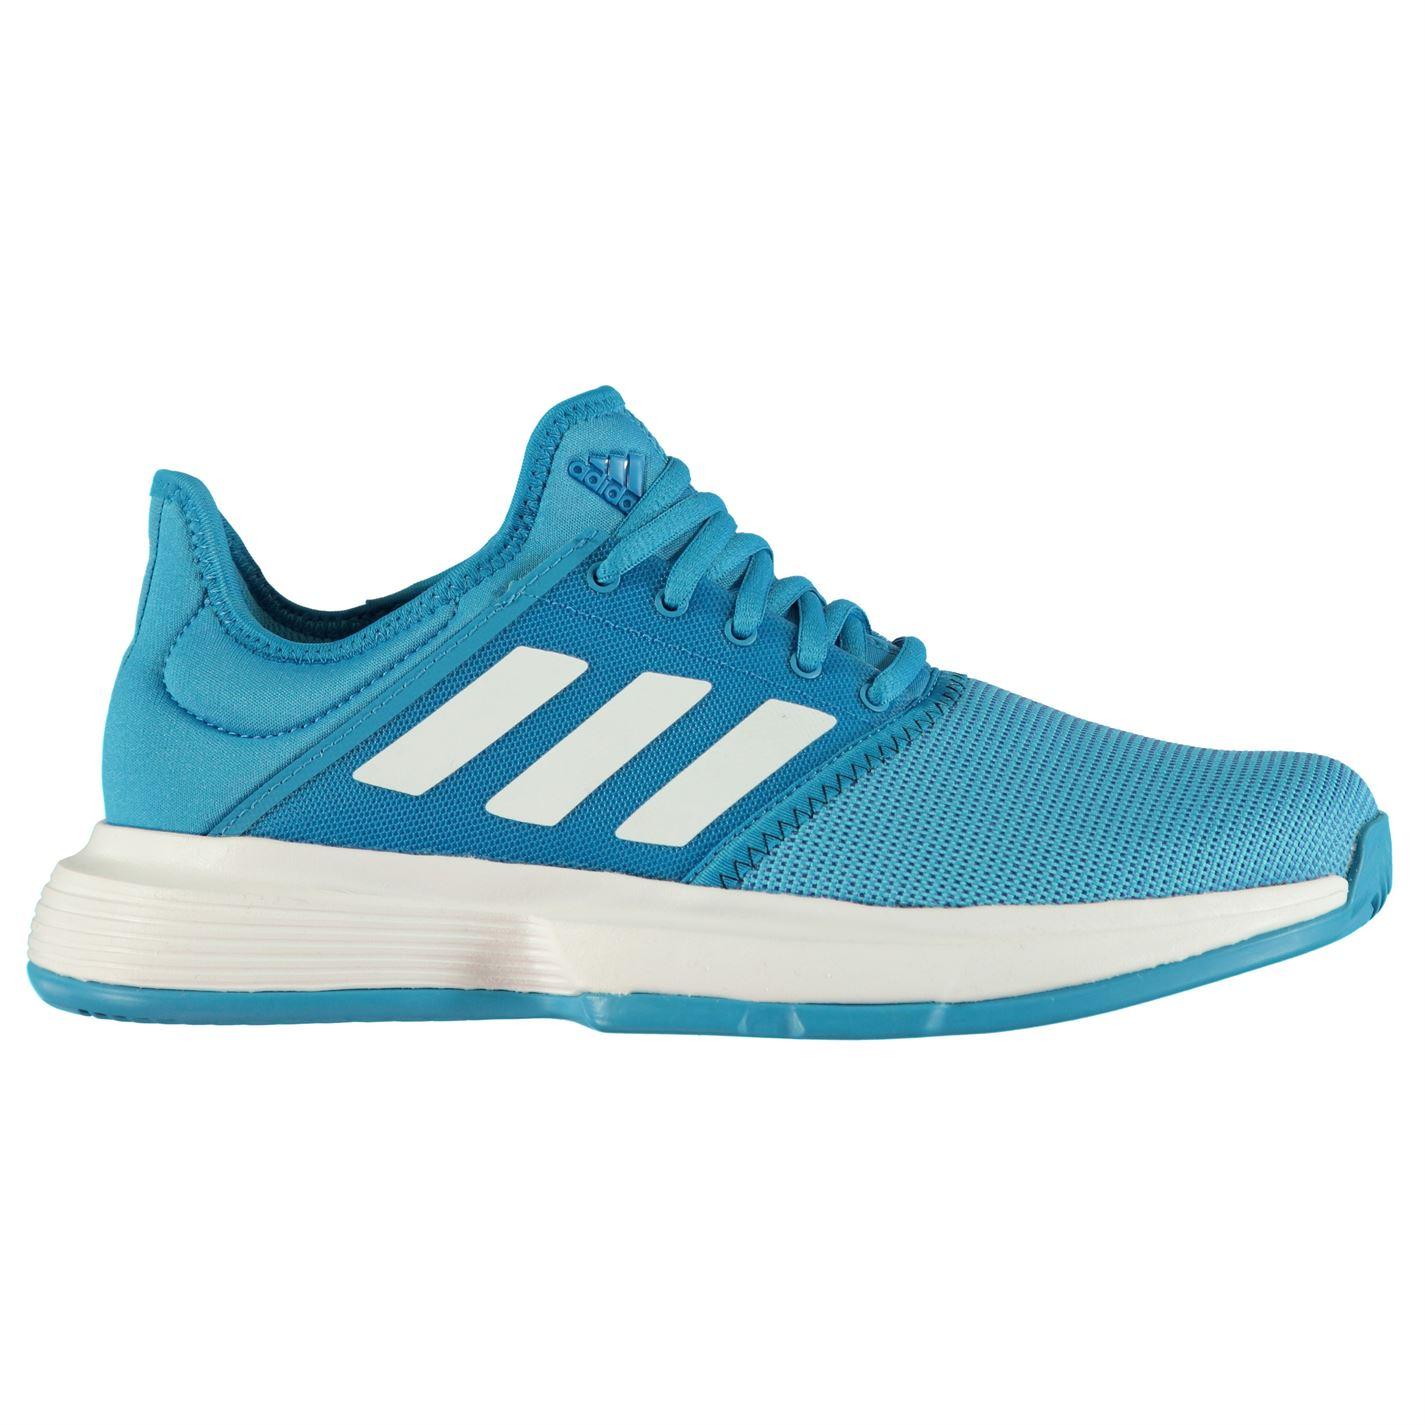 Adidas Game Court pánske tenisové topánky